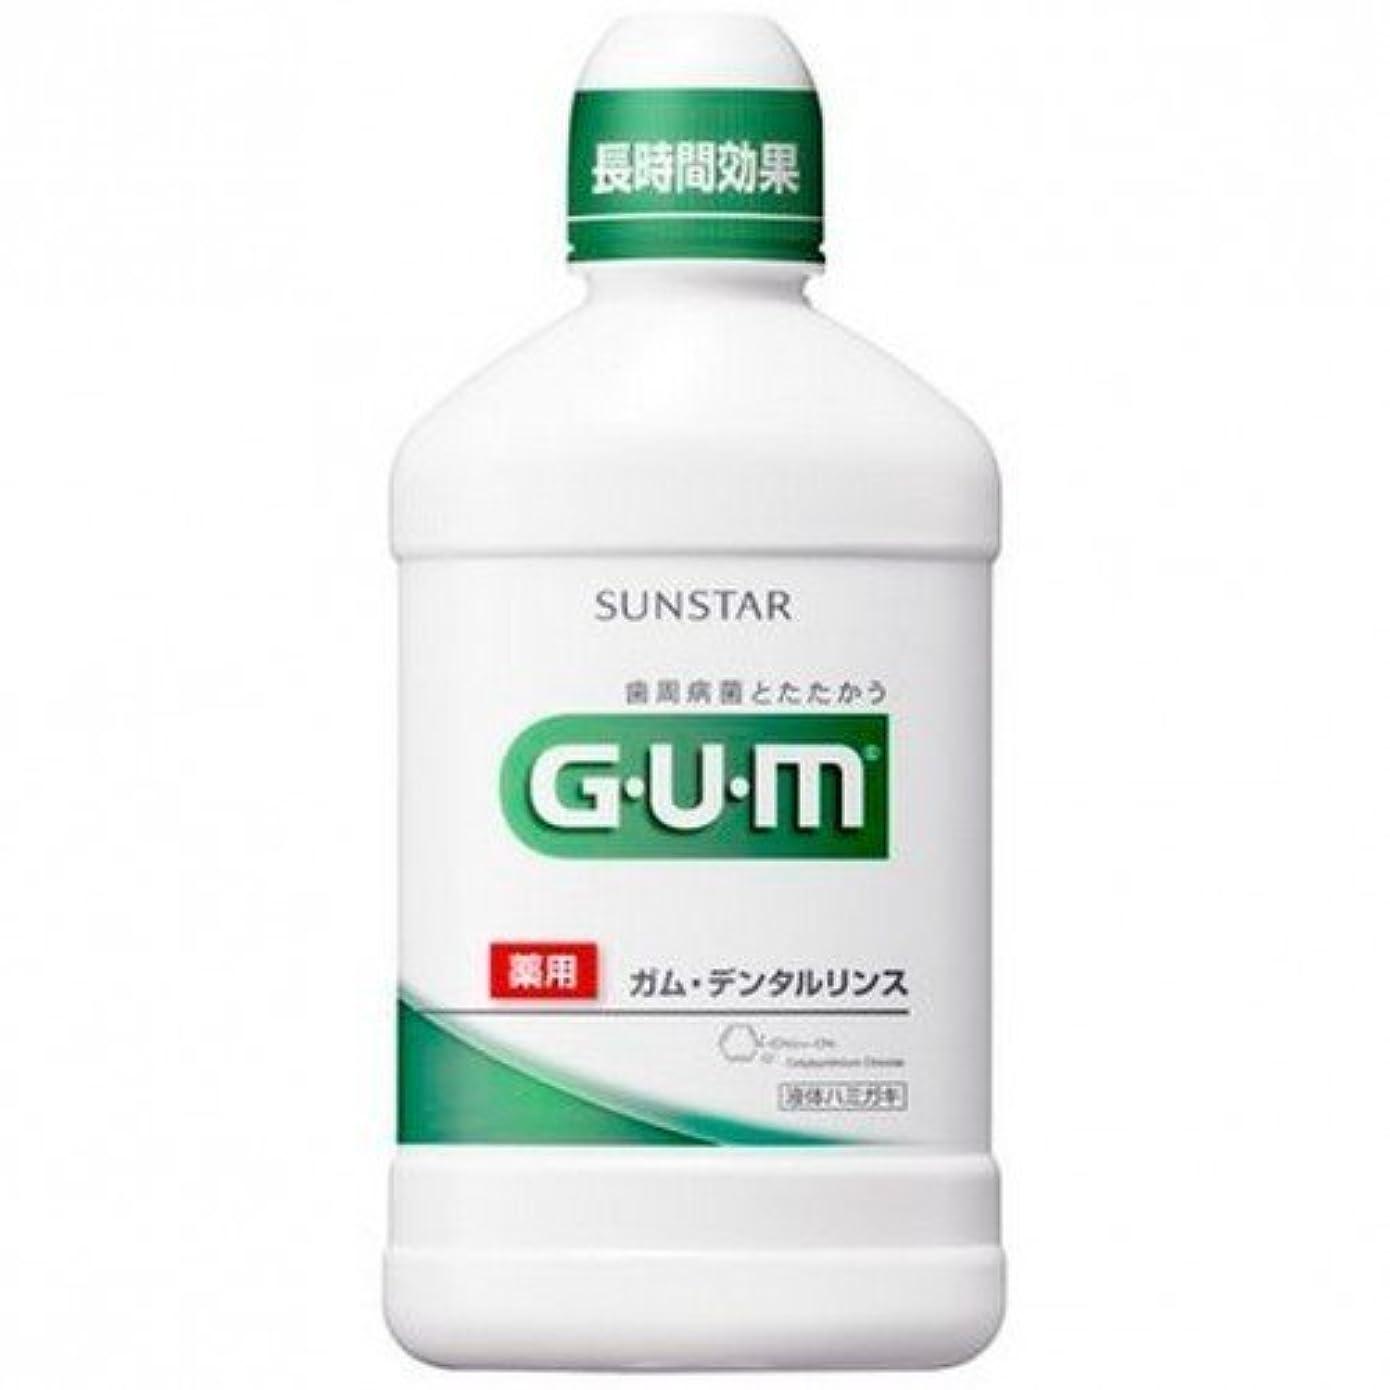 ゆりかごゴミ箱を空にする昆虫GUM(ガム) 薬用 デンタルリンス レギュラータイプ 500ml ?おまとめセット【6個】?